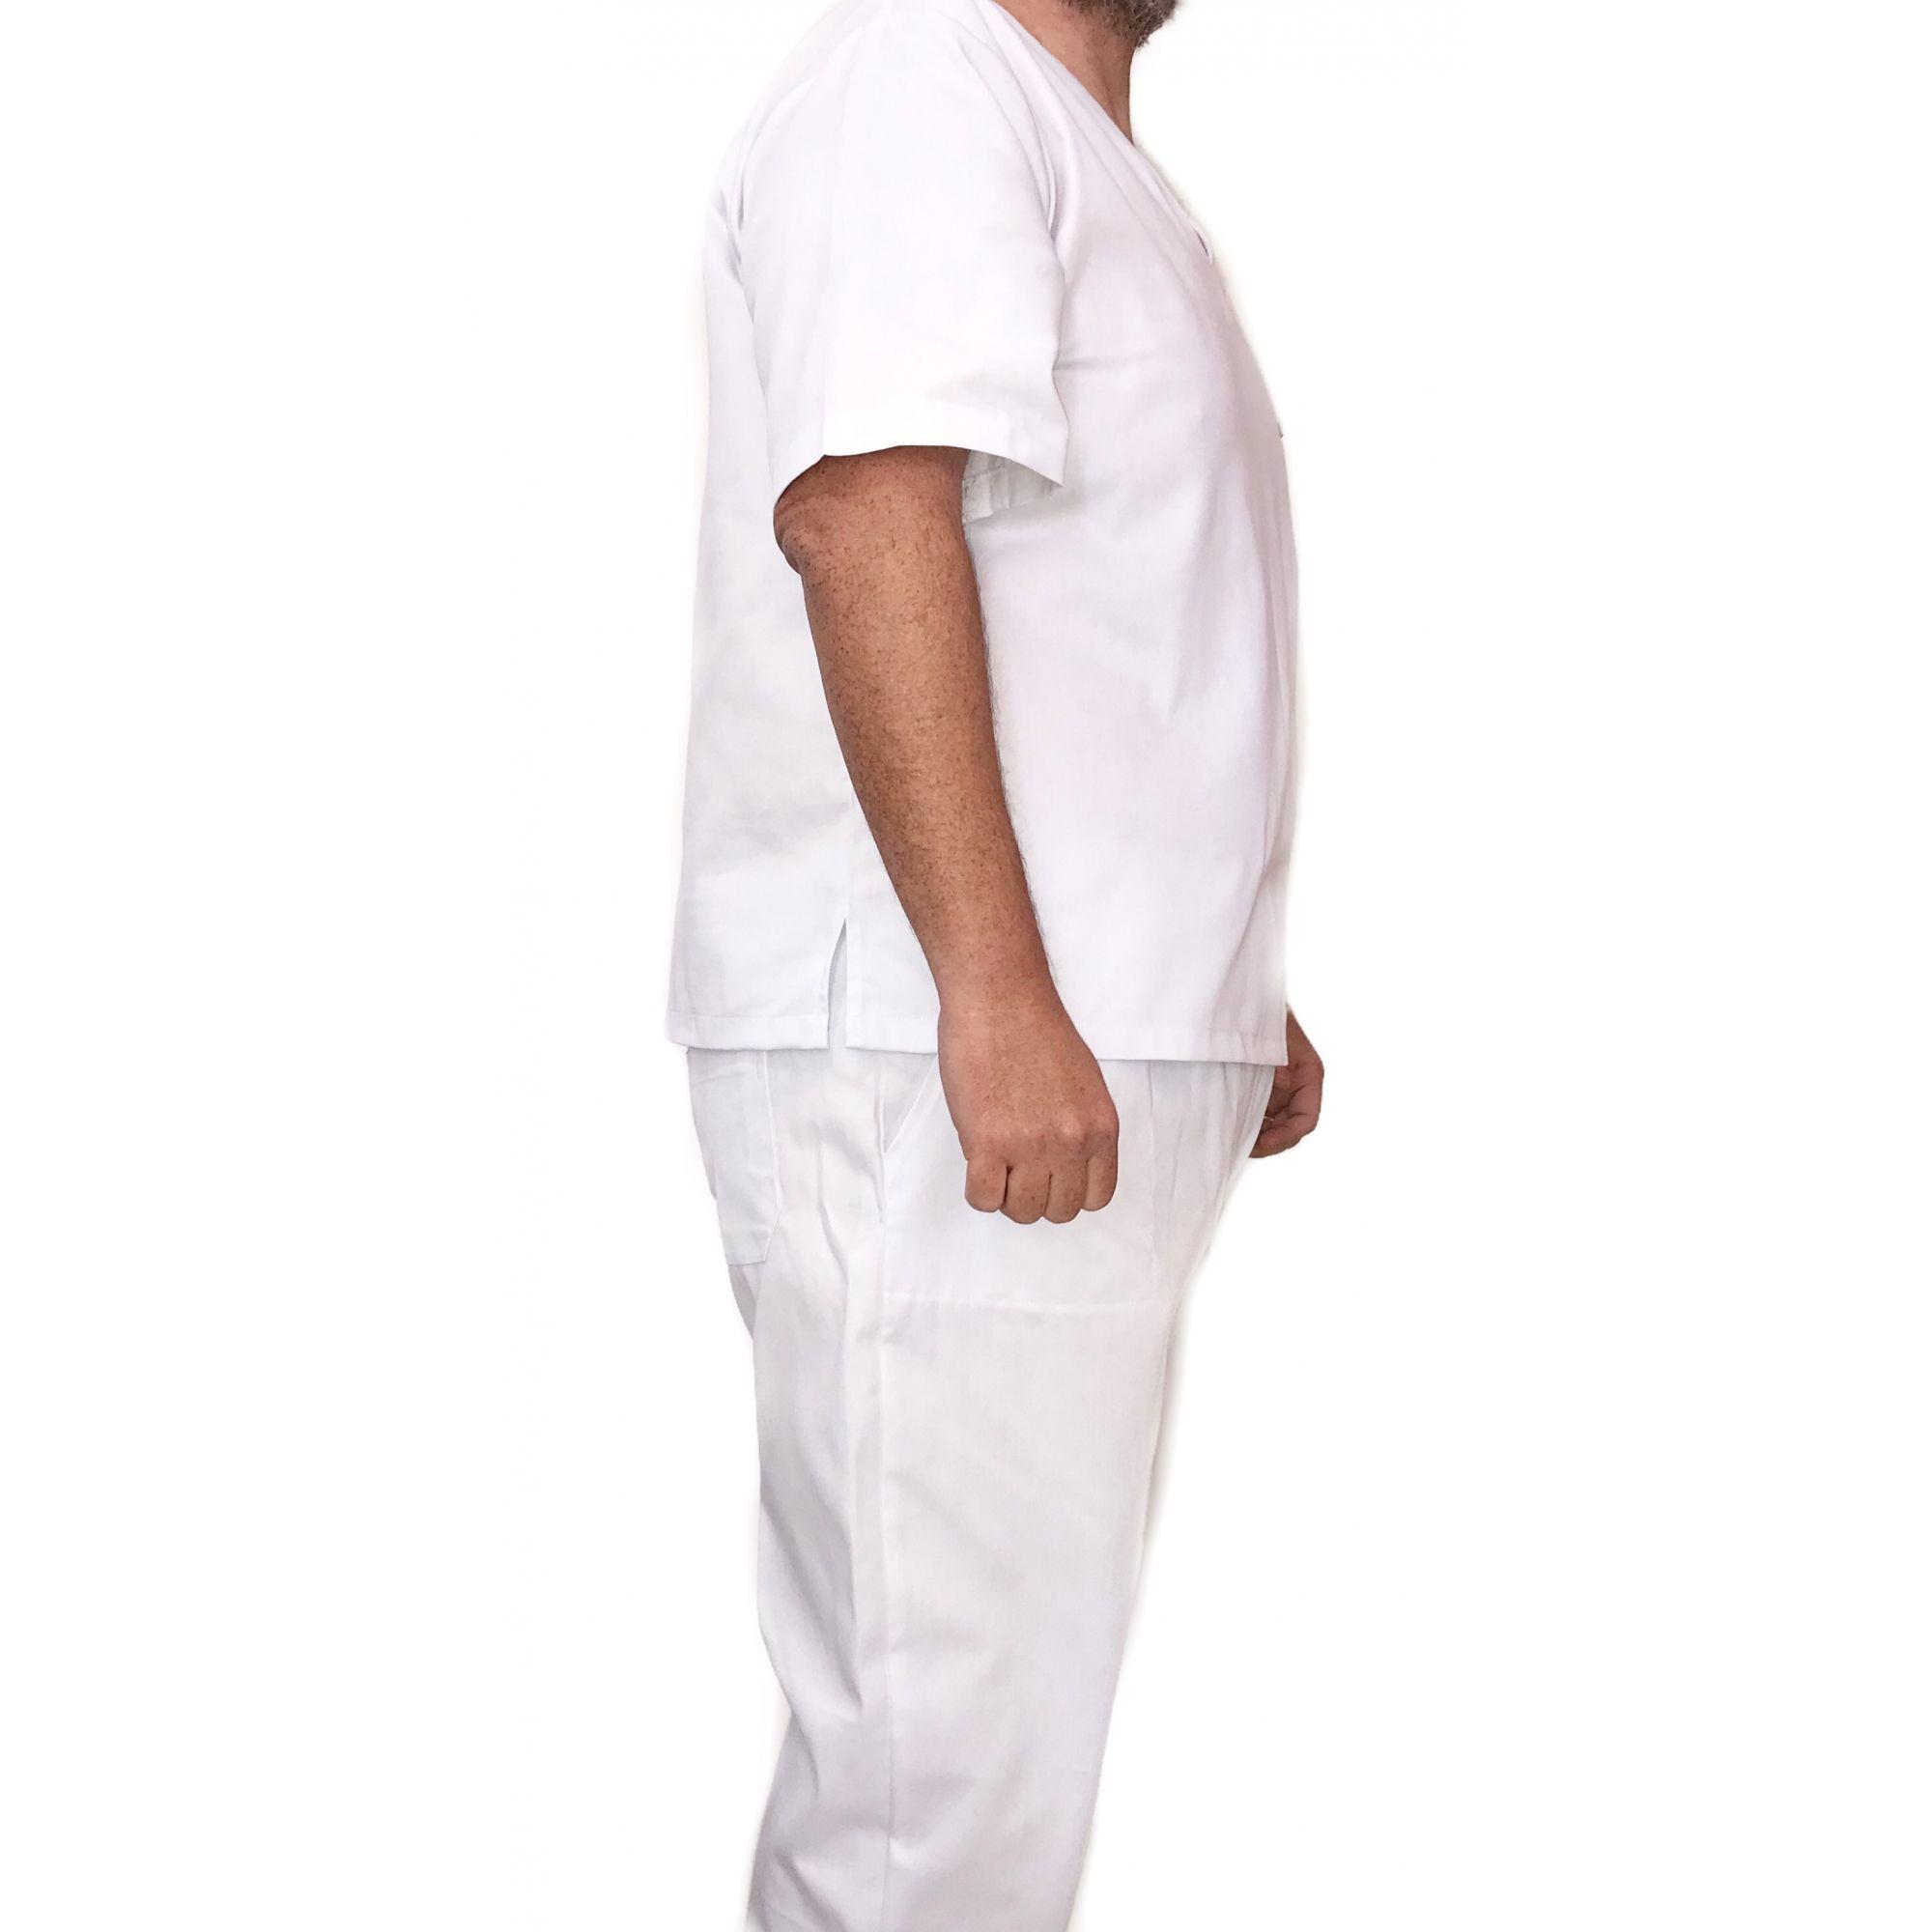 Conjunto Pijama Cirúrgico BRANCO Masculino PLUS SIZE  Camisa e Calça com Cordão Tecido 100% Poliéster